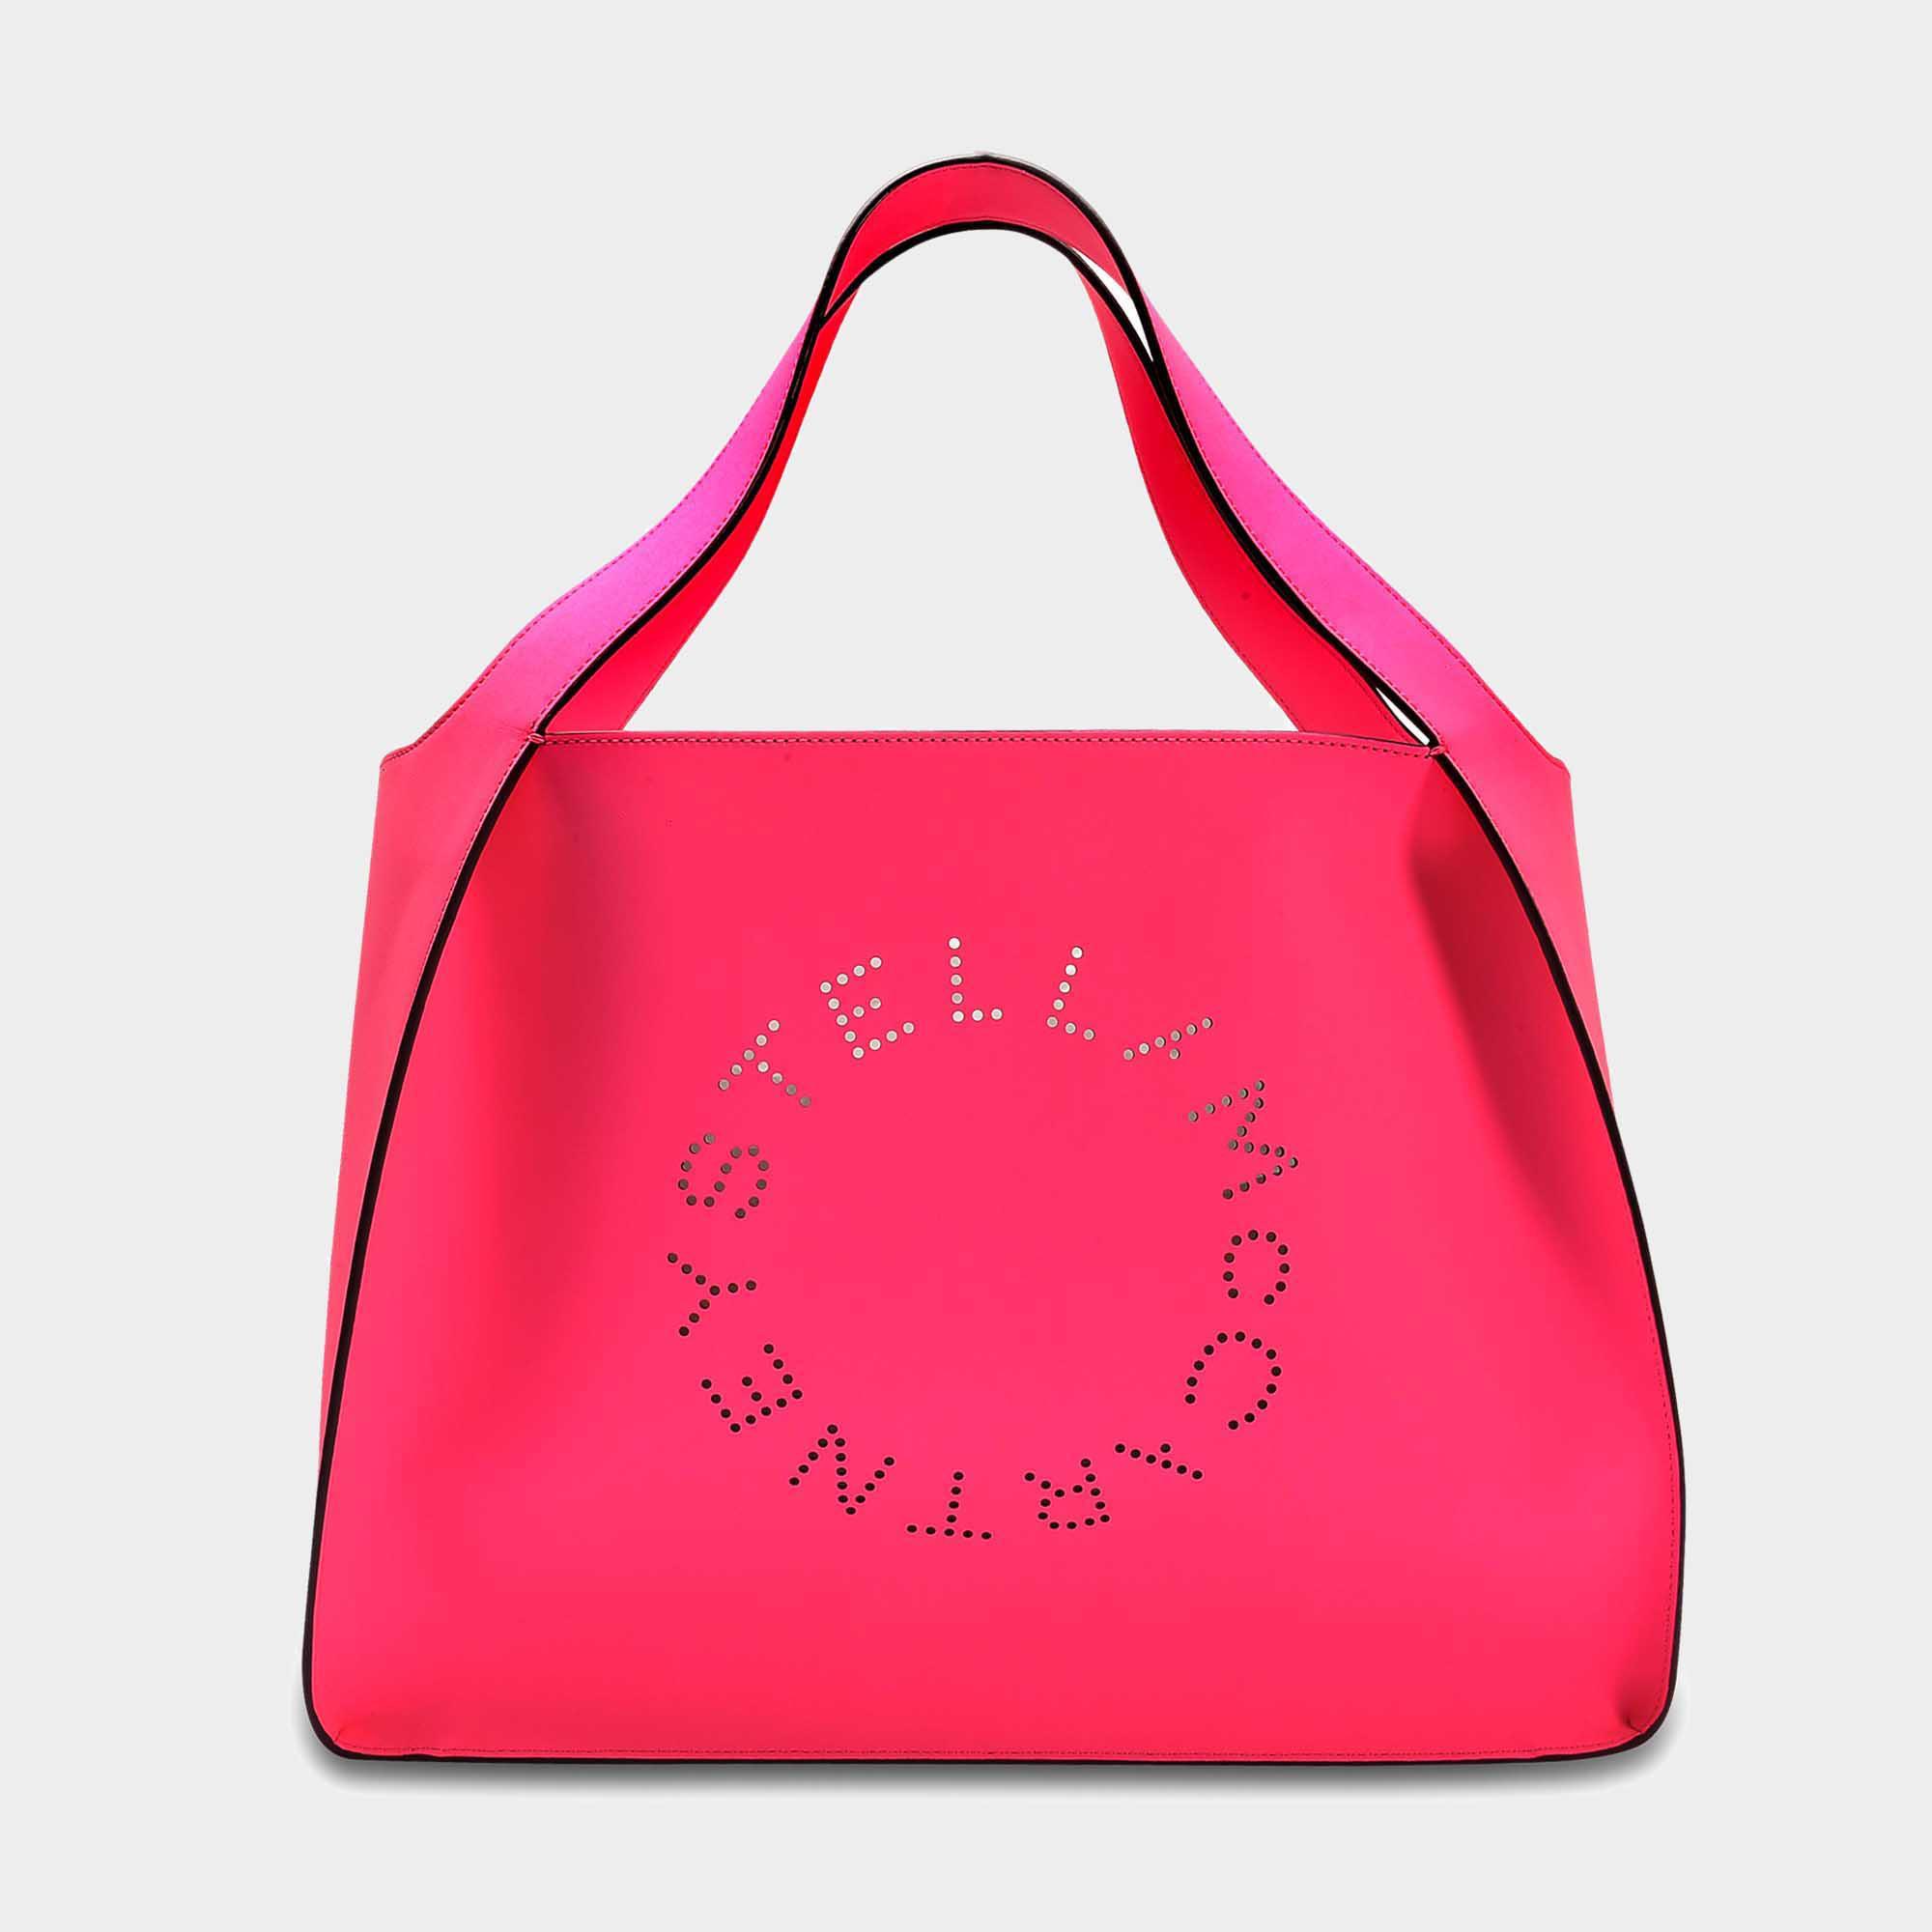 À Bas Prix Stella Mccartney Modifier Fourre-tout Nappa Fluo Sac Logo Stella En Coton Rose Fluo Et Cuir Écologique En Ligne Exclusif Faible Coût De Sortie Gi2NEA